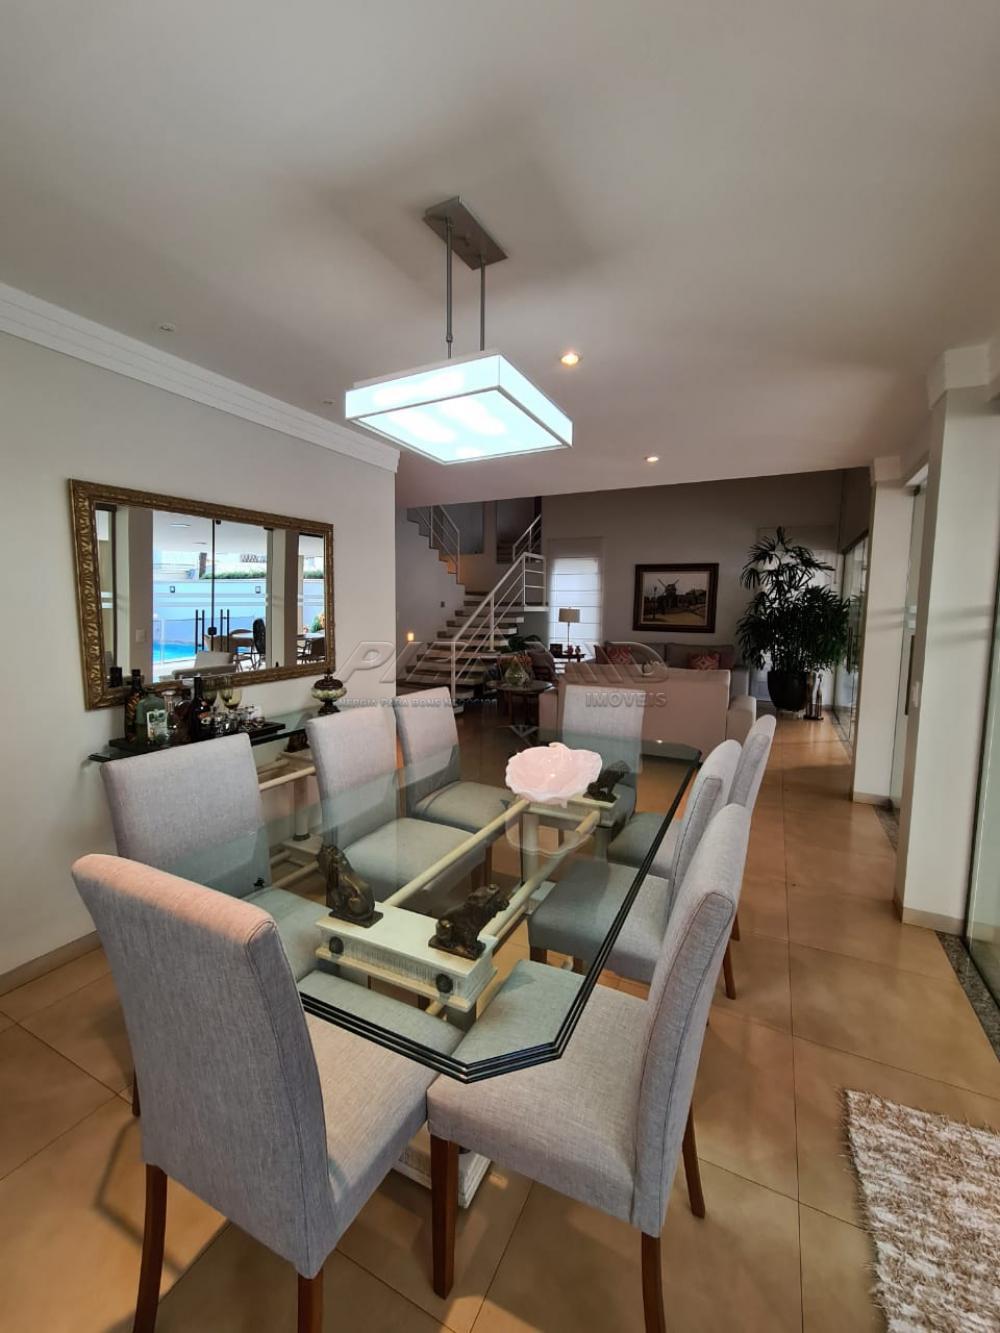 Comprar Casa / Condomínio em Ribeirão Preto R$ 2.800.000,00 - Foto 8